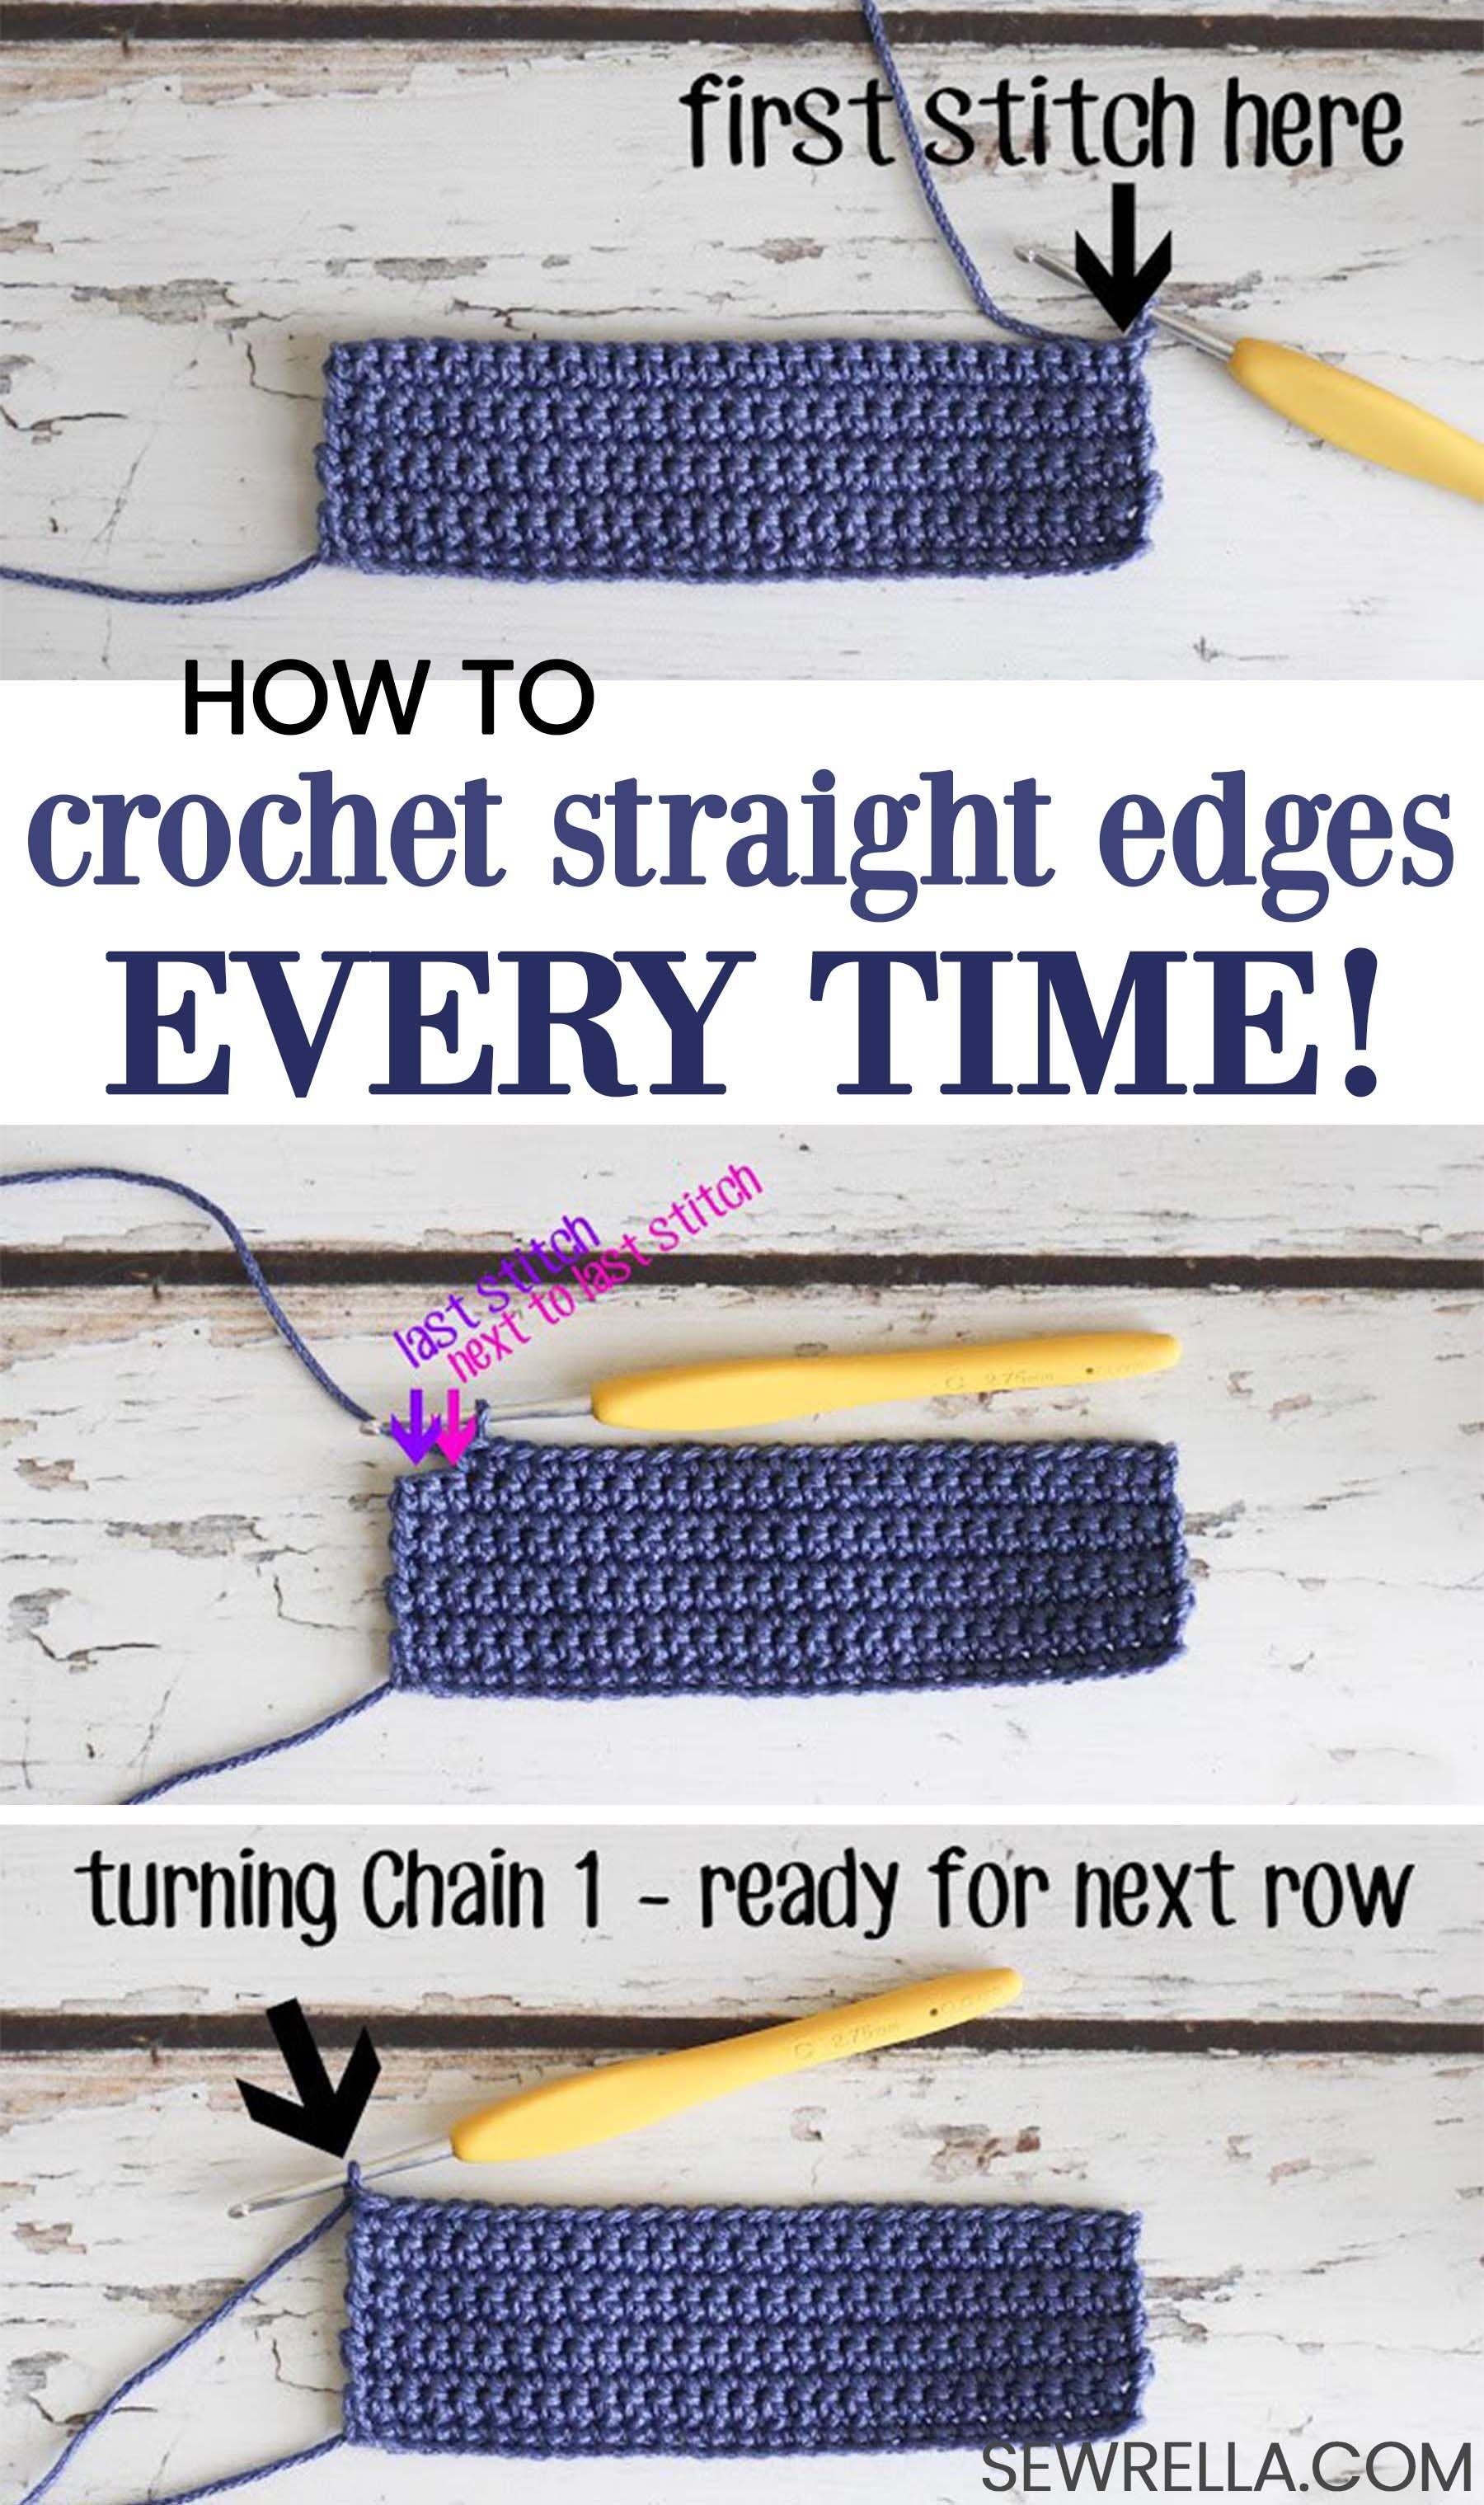 Crochet Tips - Straight Edges Everytime | crochet | Pinterest ...